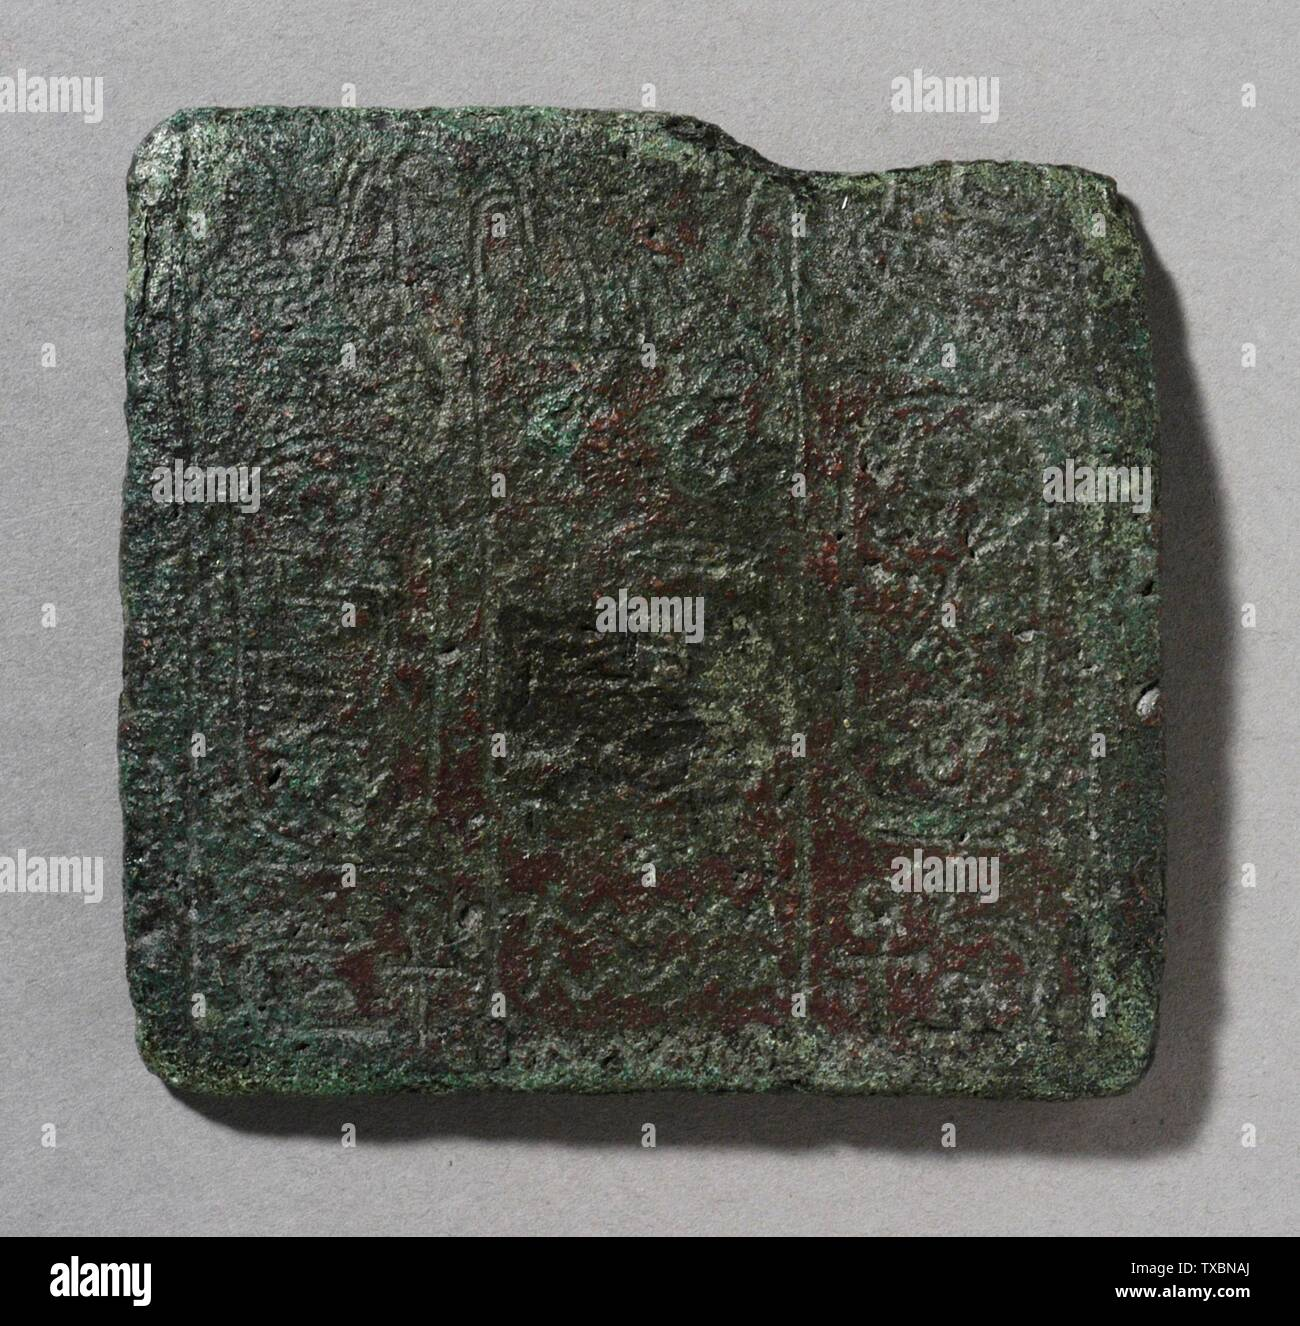 'Plaque avec trône et nom de naissance d'une dynastie 13e roi; l'Égypte, Moyen Empire, 13e dynastie (1700 - 1665) BCE Bronze Sculpture Hauteur: 2 3/4 in. (7,1 cm); largeur: 2 15/16 in. (7,4 cm) Don de Carl W. Thomas (M.80.203.49) L'art égyptien; 13e dynastie (1700 - 1665 avant notre ère); ' Photo Stock